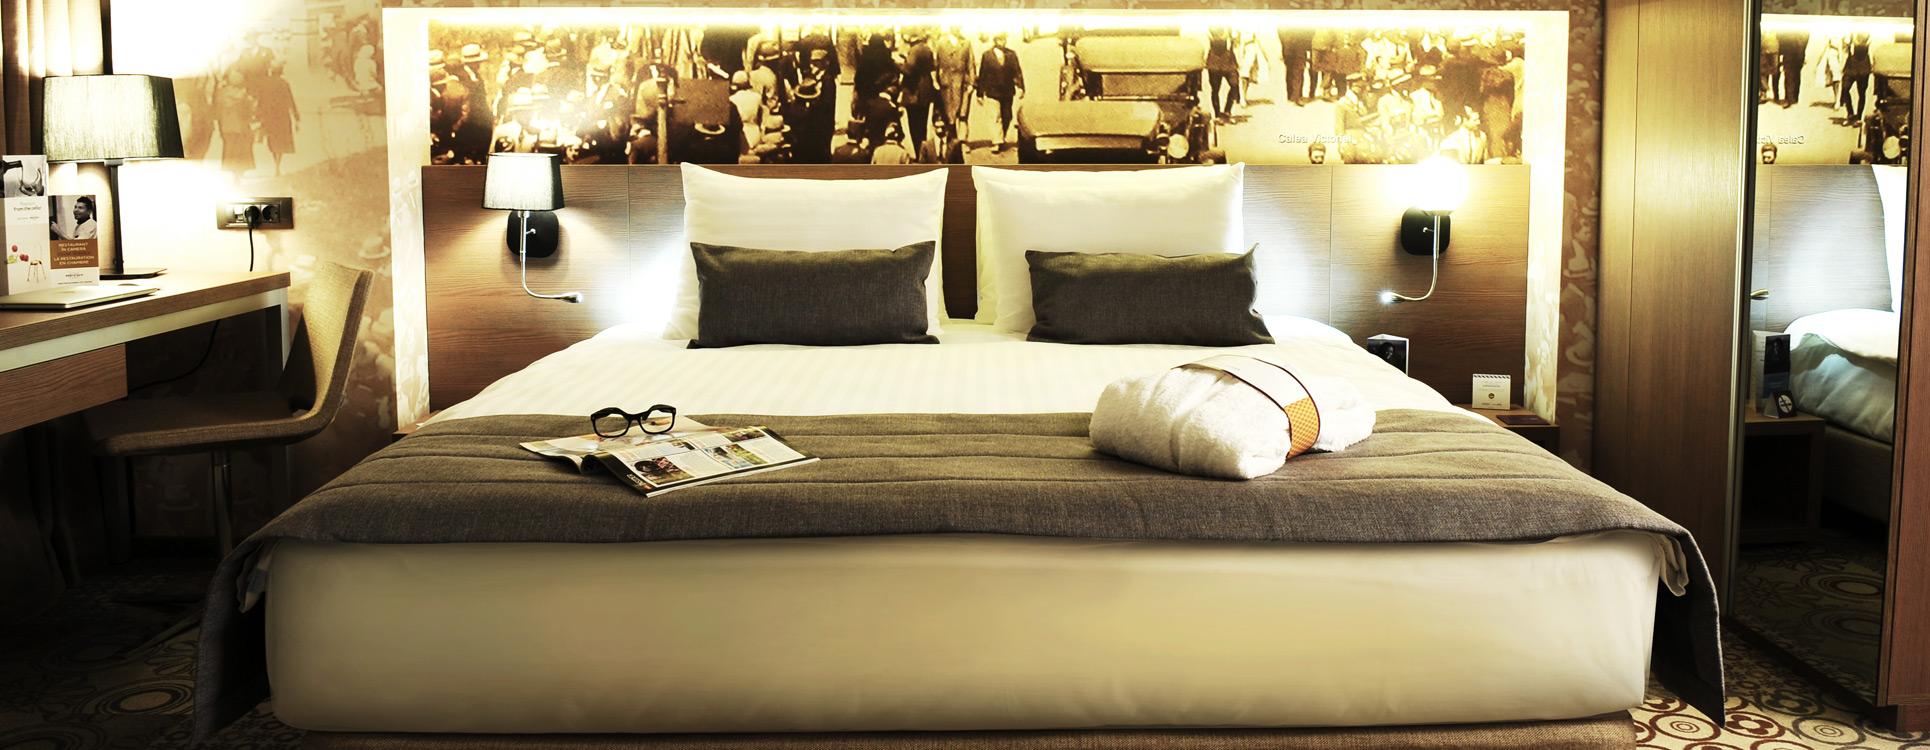 mobilier camera de hotel